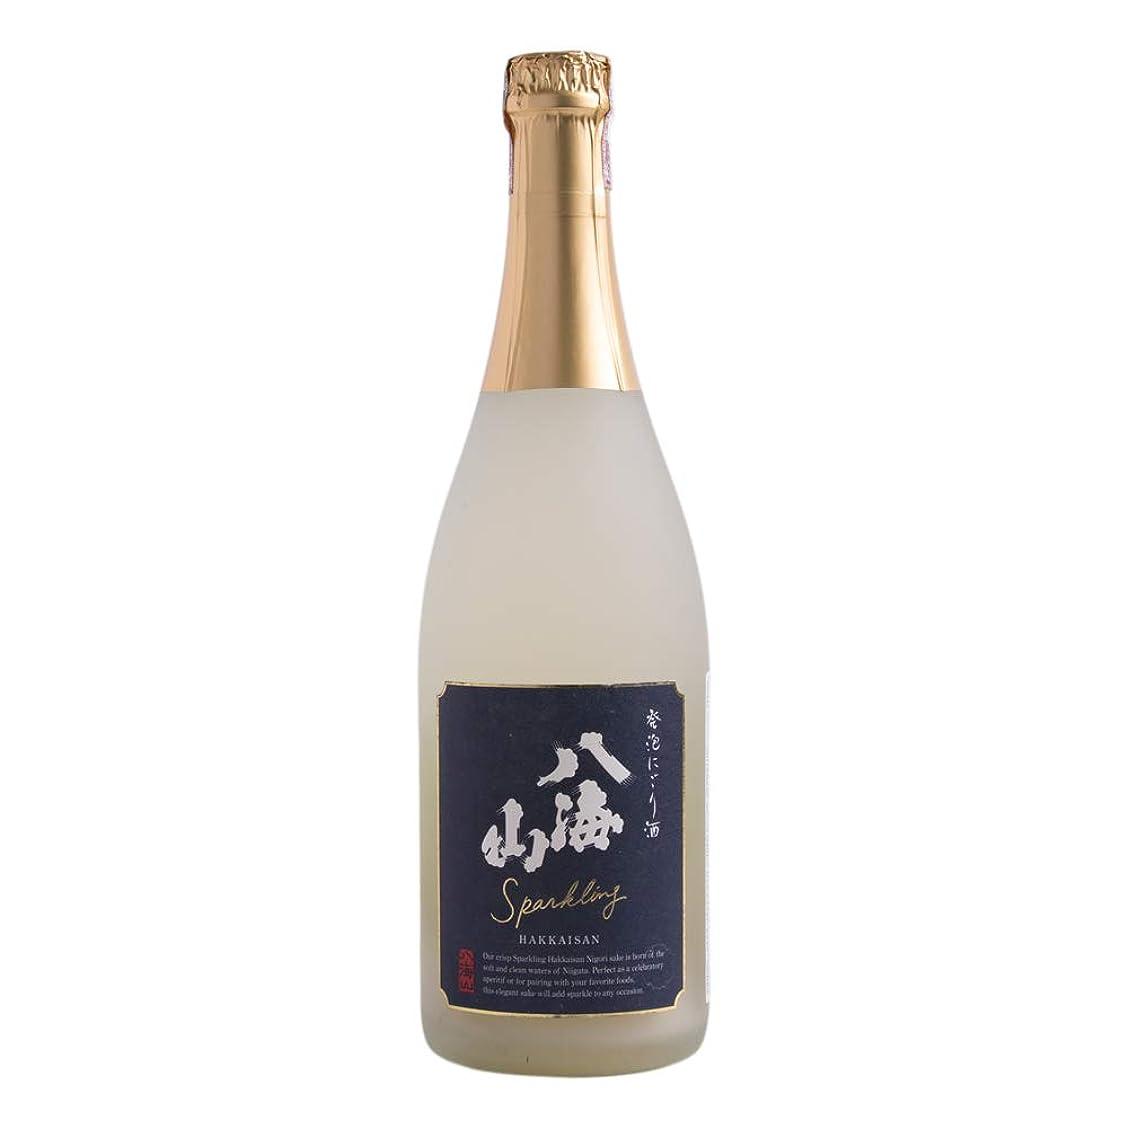 遺棄された関連付ける伝統的八海山  発泡にごり酒 720ml [新潟県]